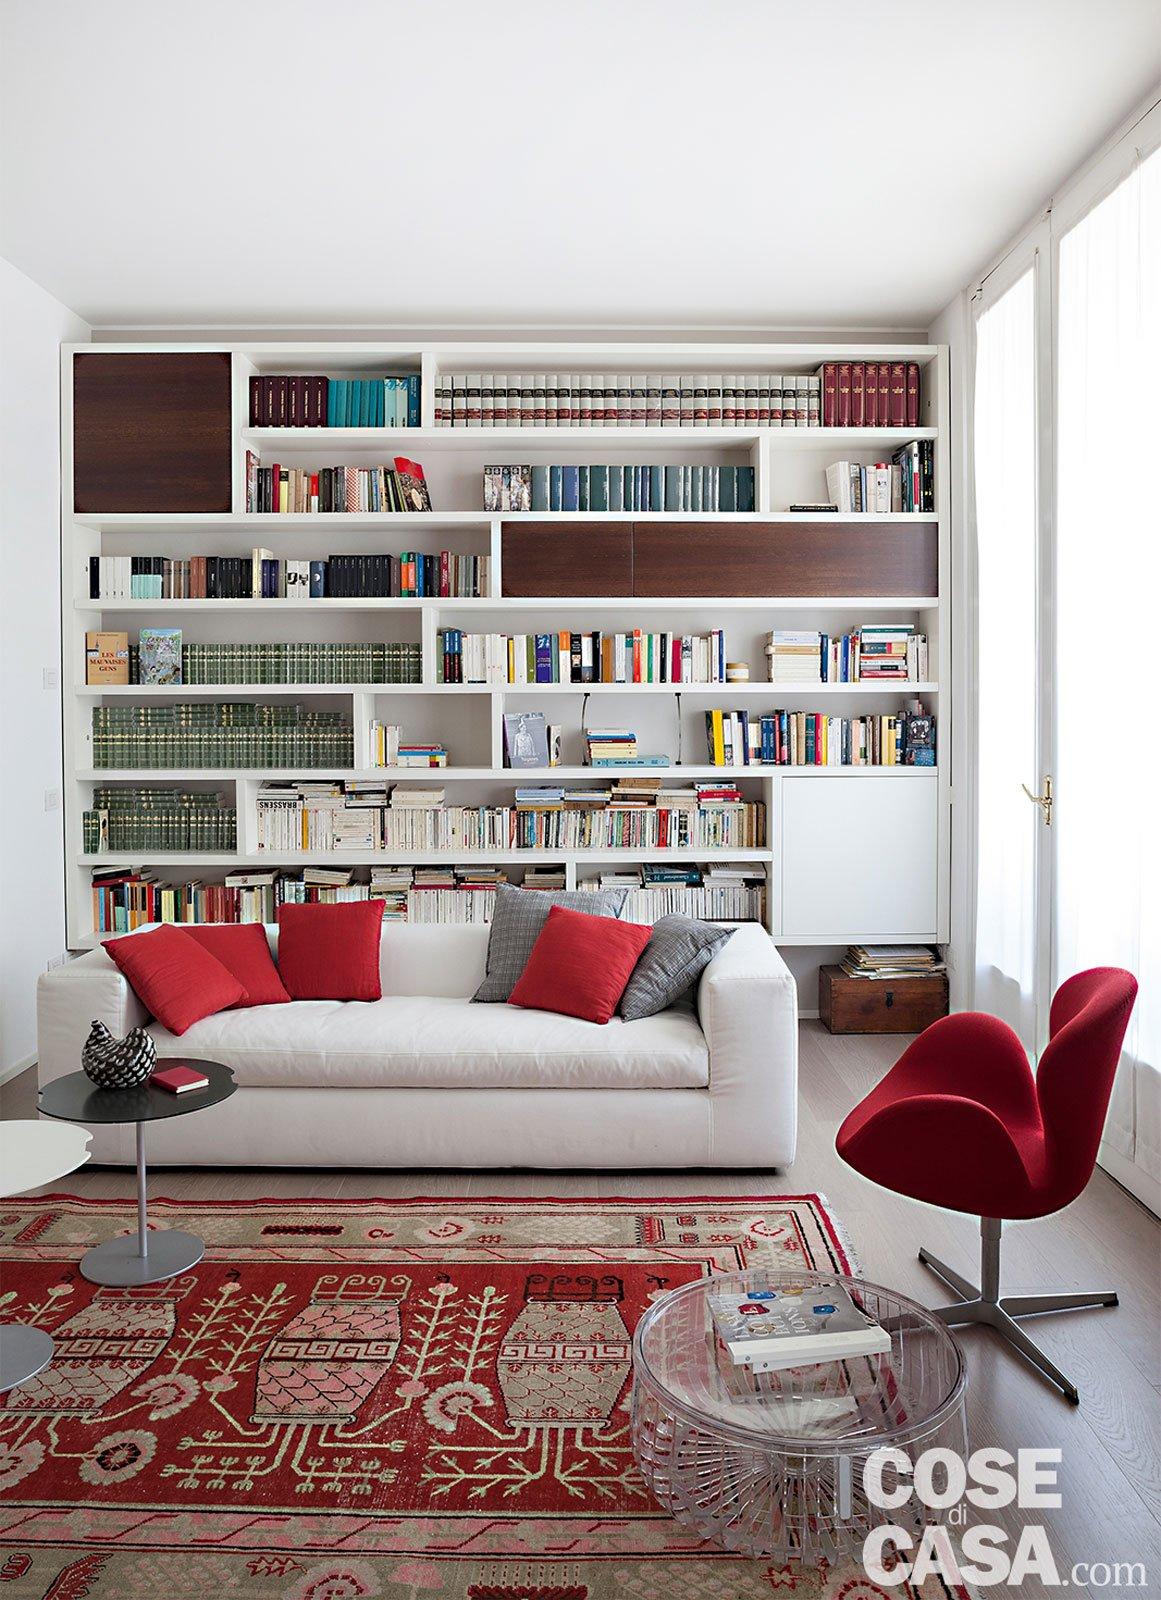 50 Mq Una Casa Open Space Per Avere Piu Luce Guarda I Costi Della